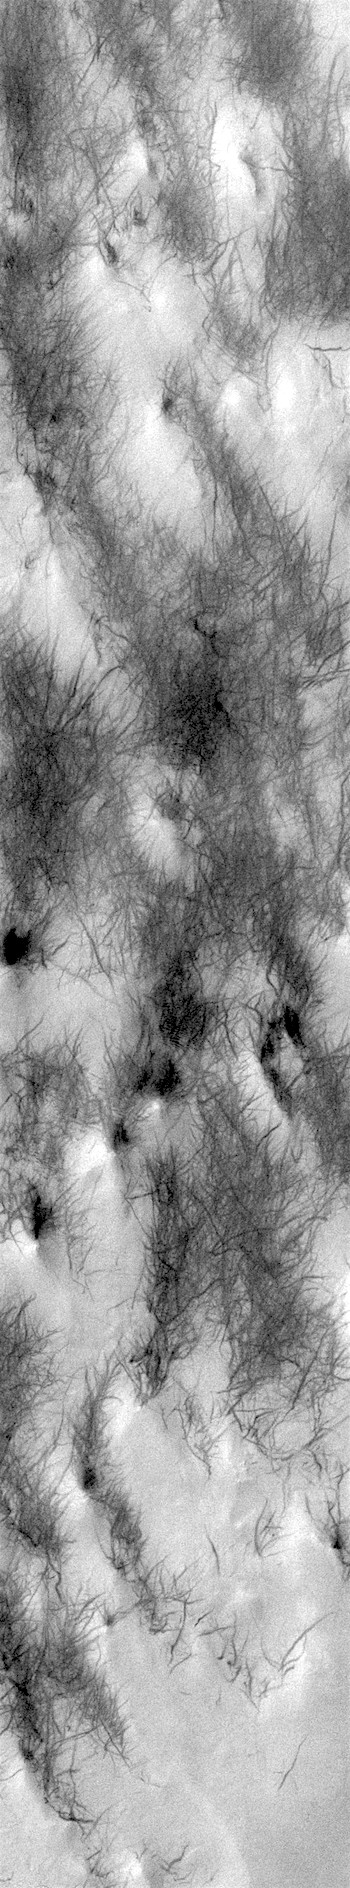 Dust devil tracks (THEMIS_IOTD_20190618)